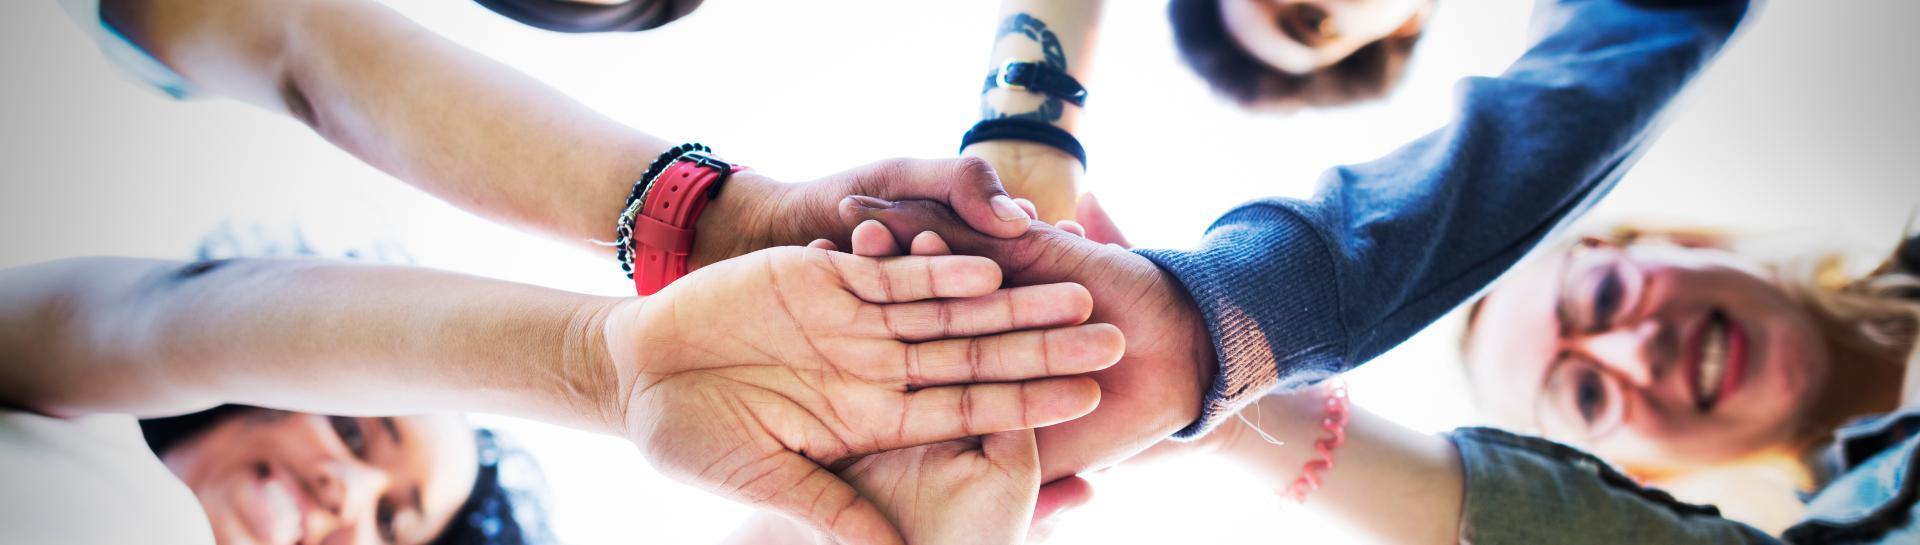 Teamgeist und Zusammenhalt